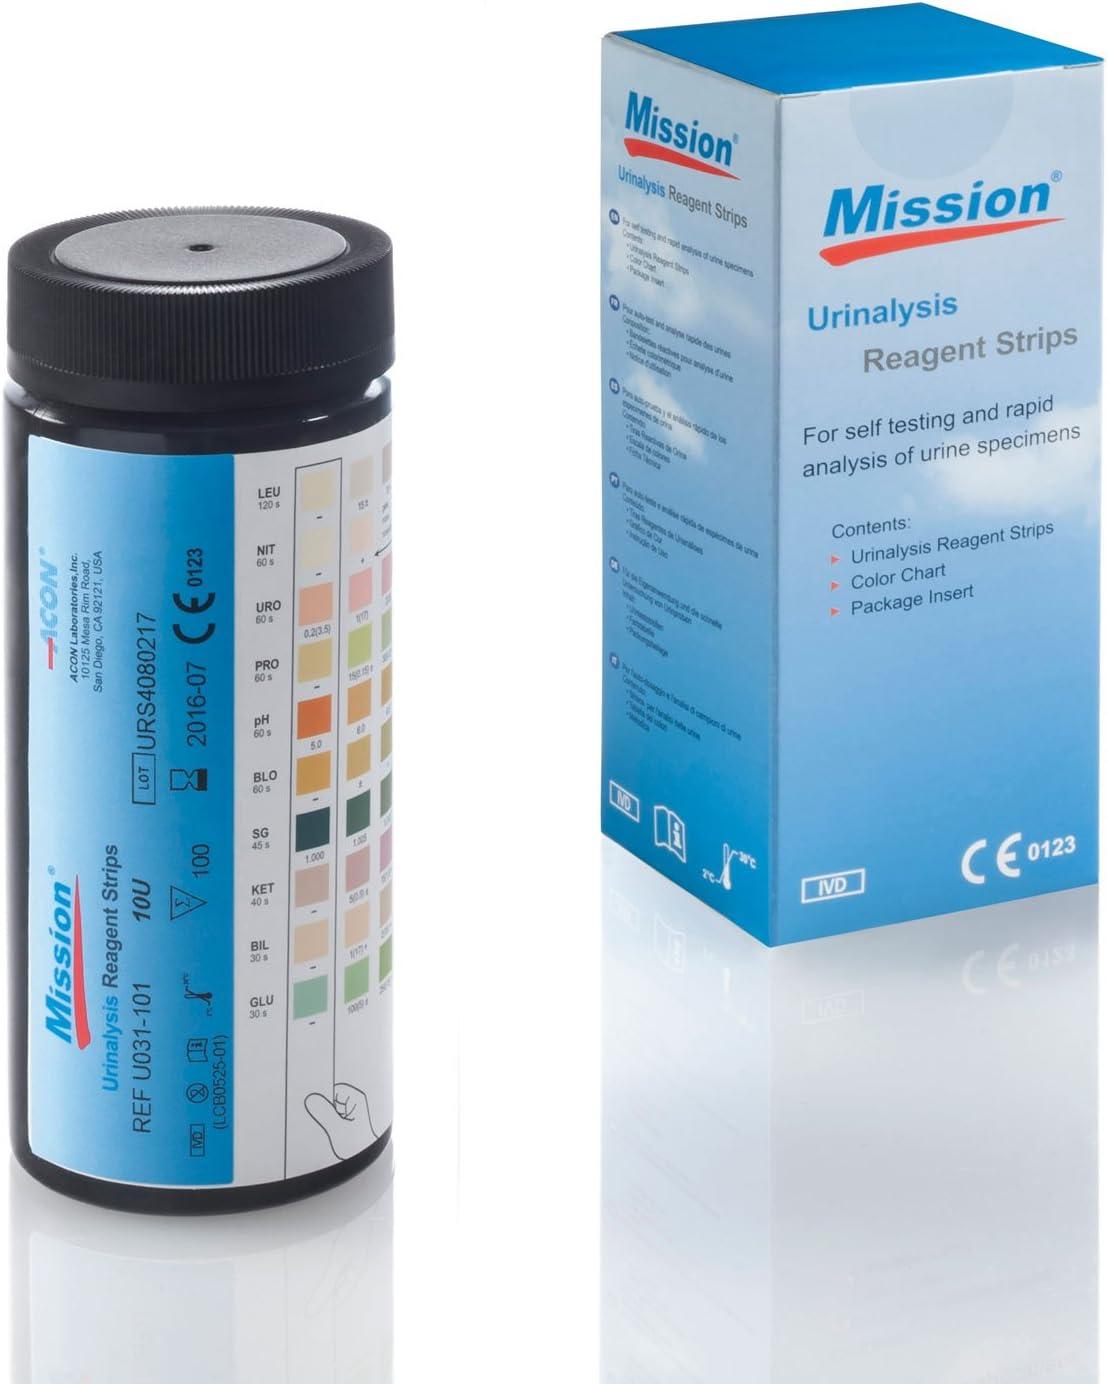 Tira reactiva Mission 10 U - 100 tiras: Amazon.es: Salud y ...